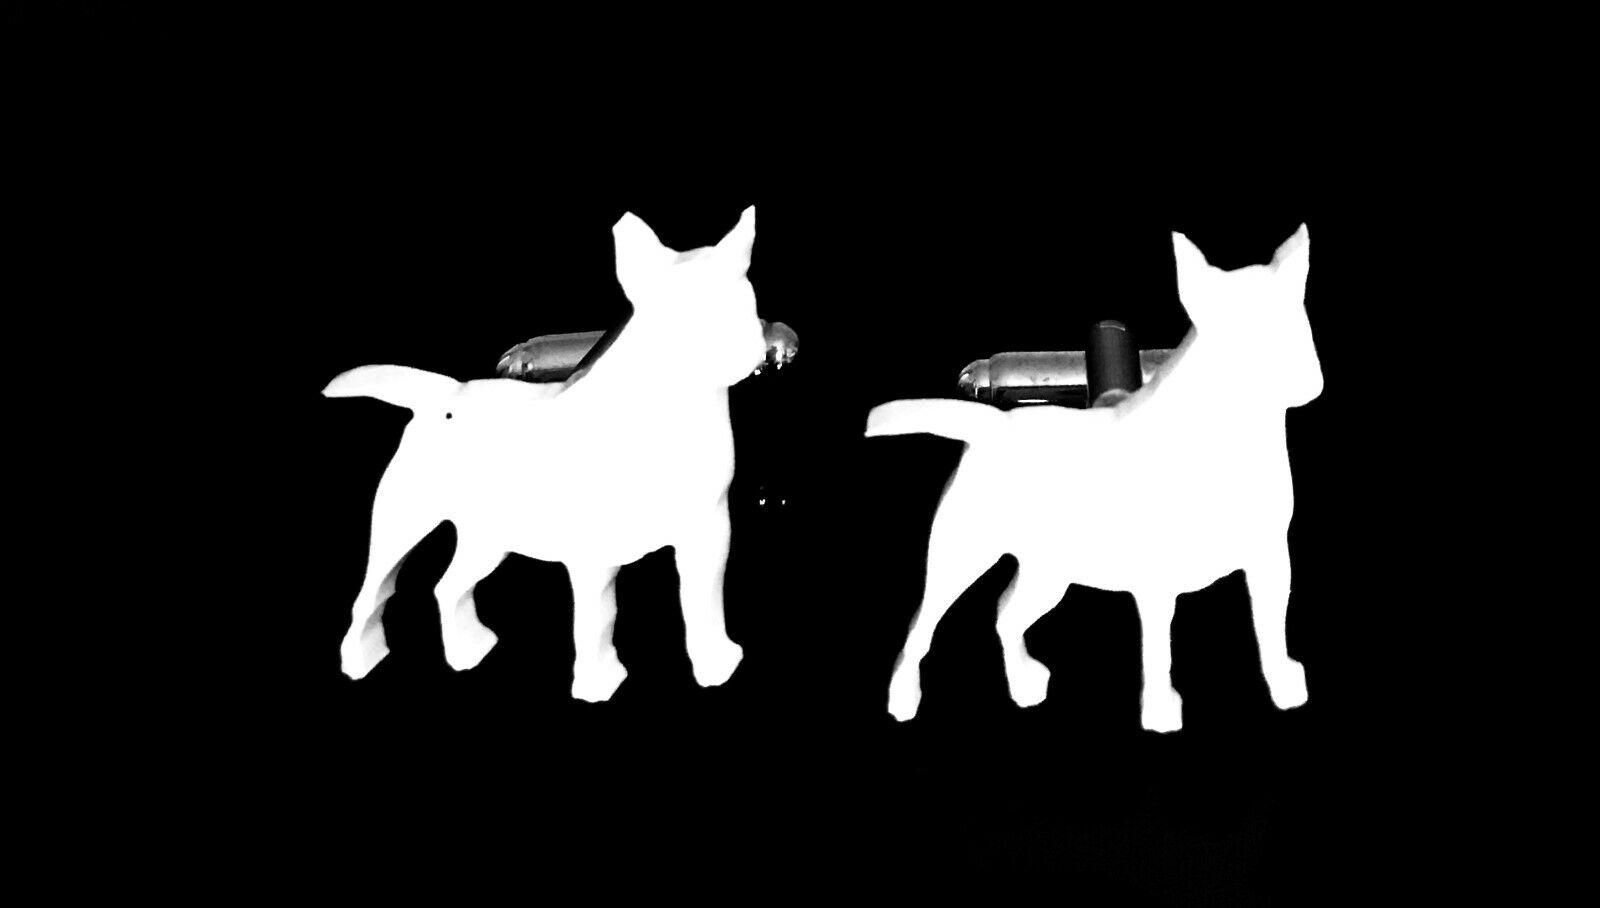 Anglais bull terrier 2 chien hommes nouveauté chemise boutons manchette en blanc